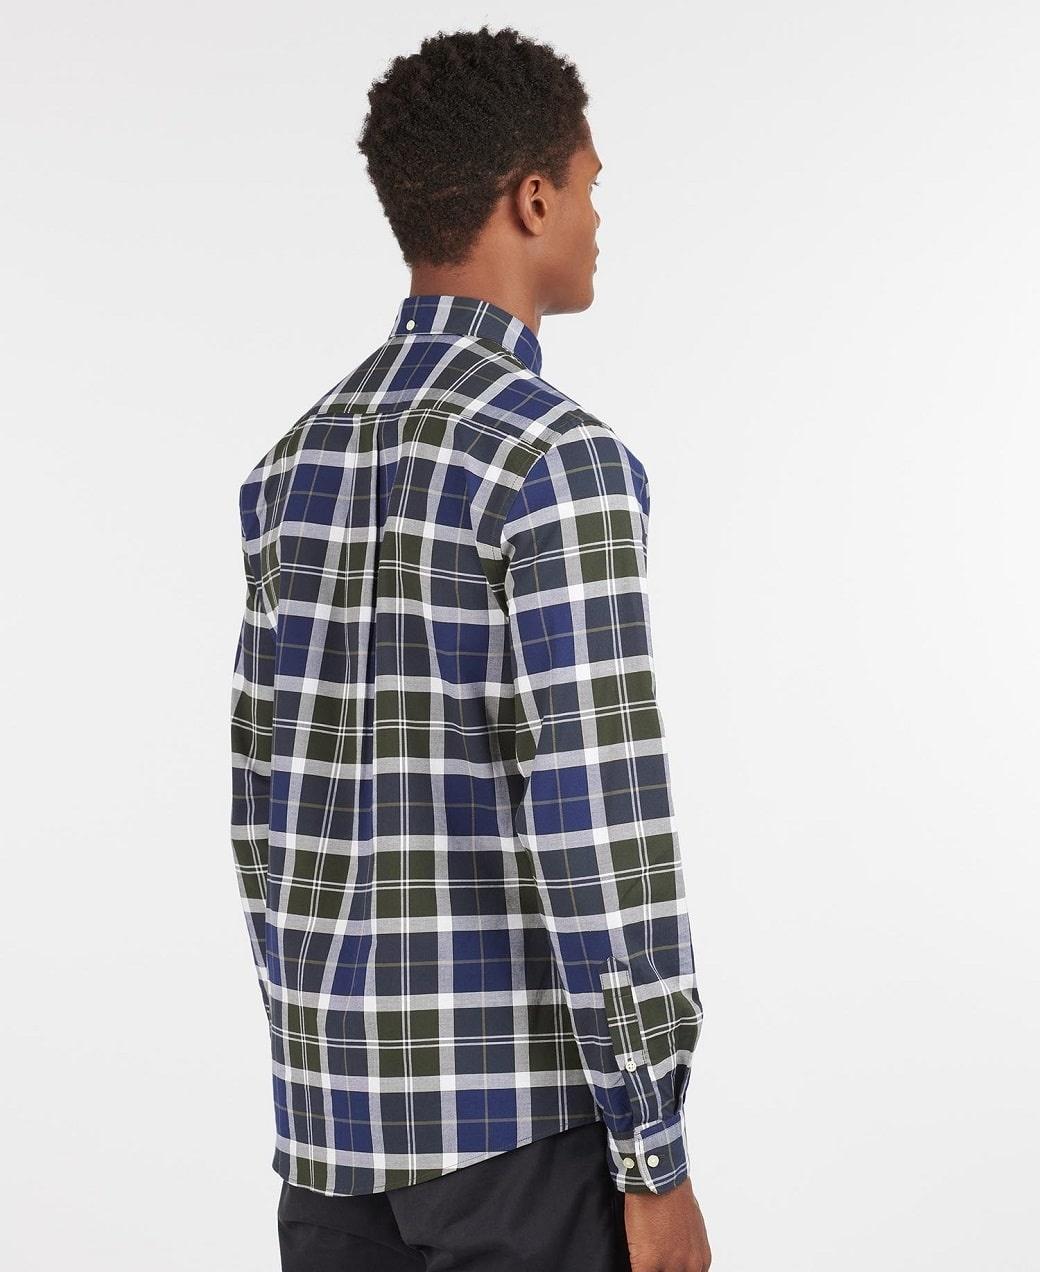 Barbour Tartan 11 Tailored Shirt  Sage-4